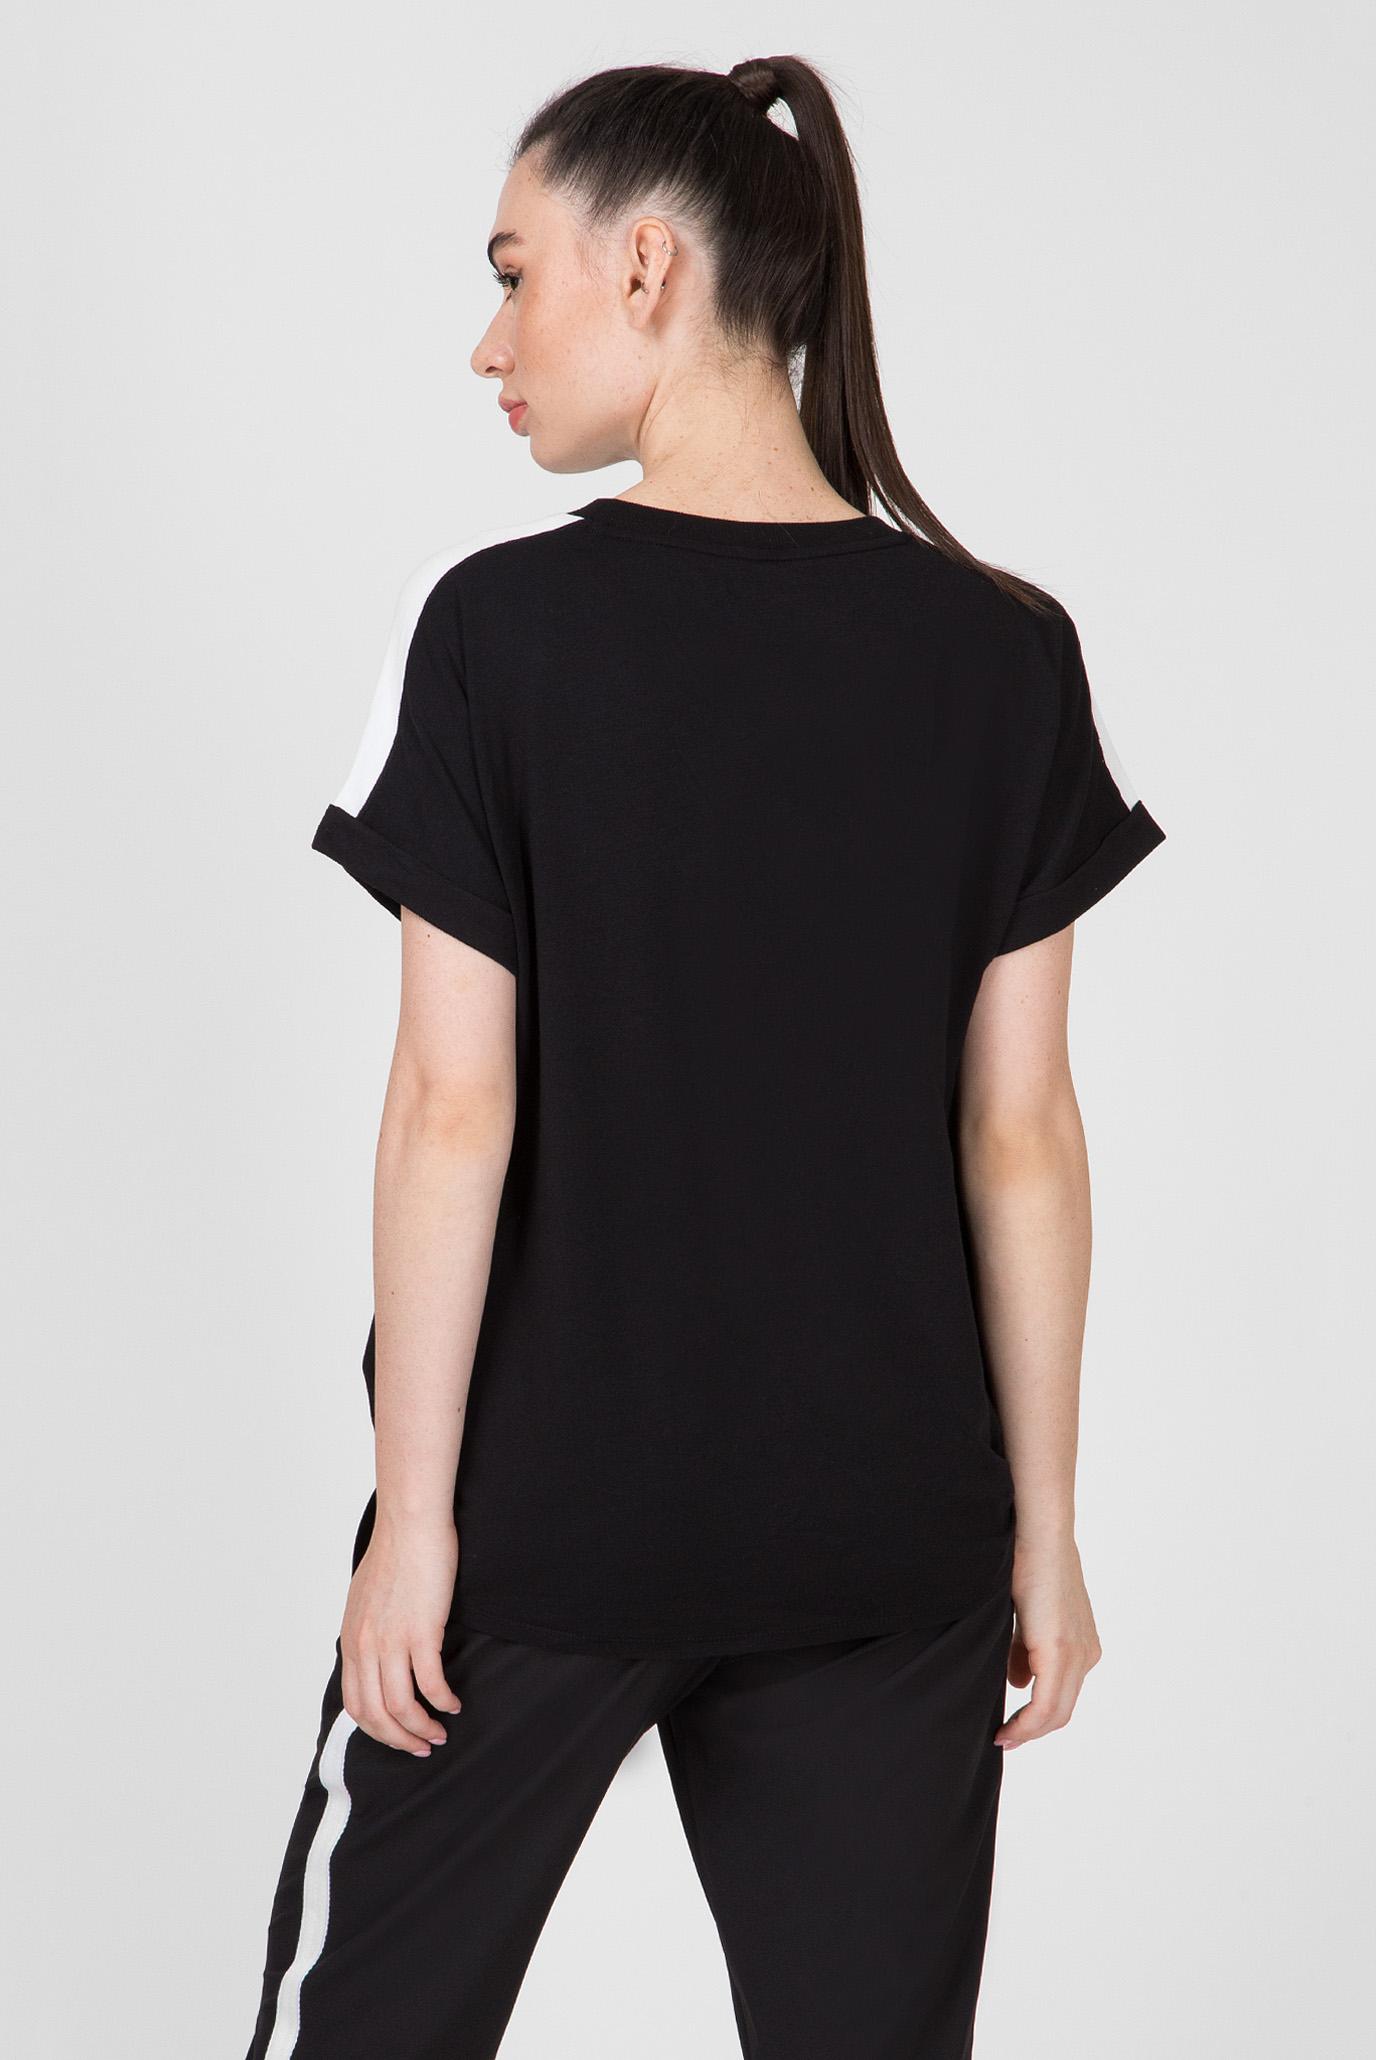 Купить Женская черная футболка RELAXED TEE-SOLID DKNY DKNY DP9T6629 – Киев, Украина. Цены в интернет магазине MD Fashion